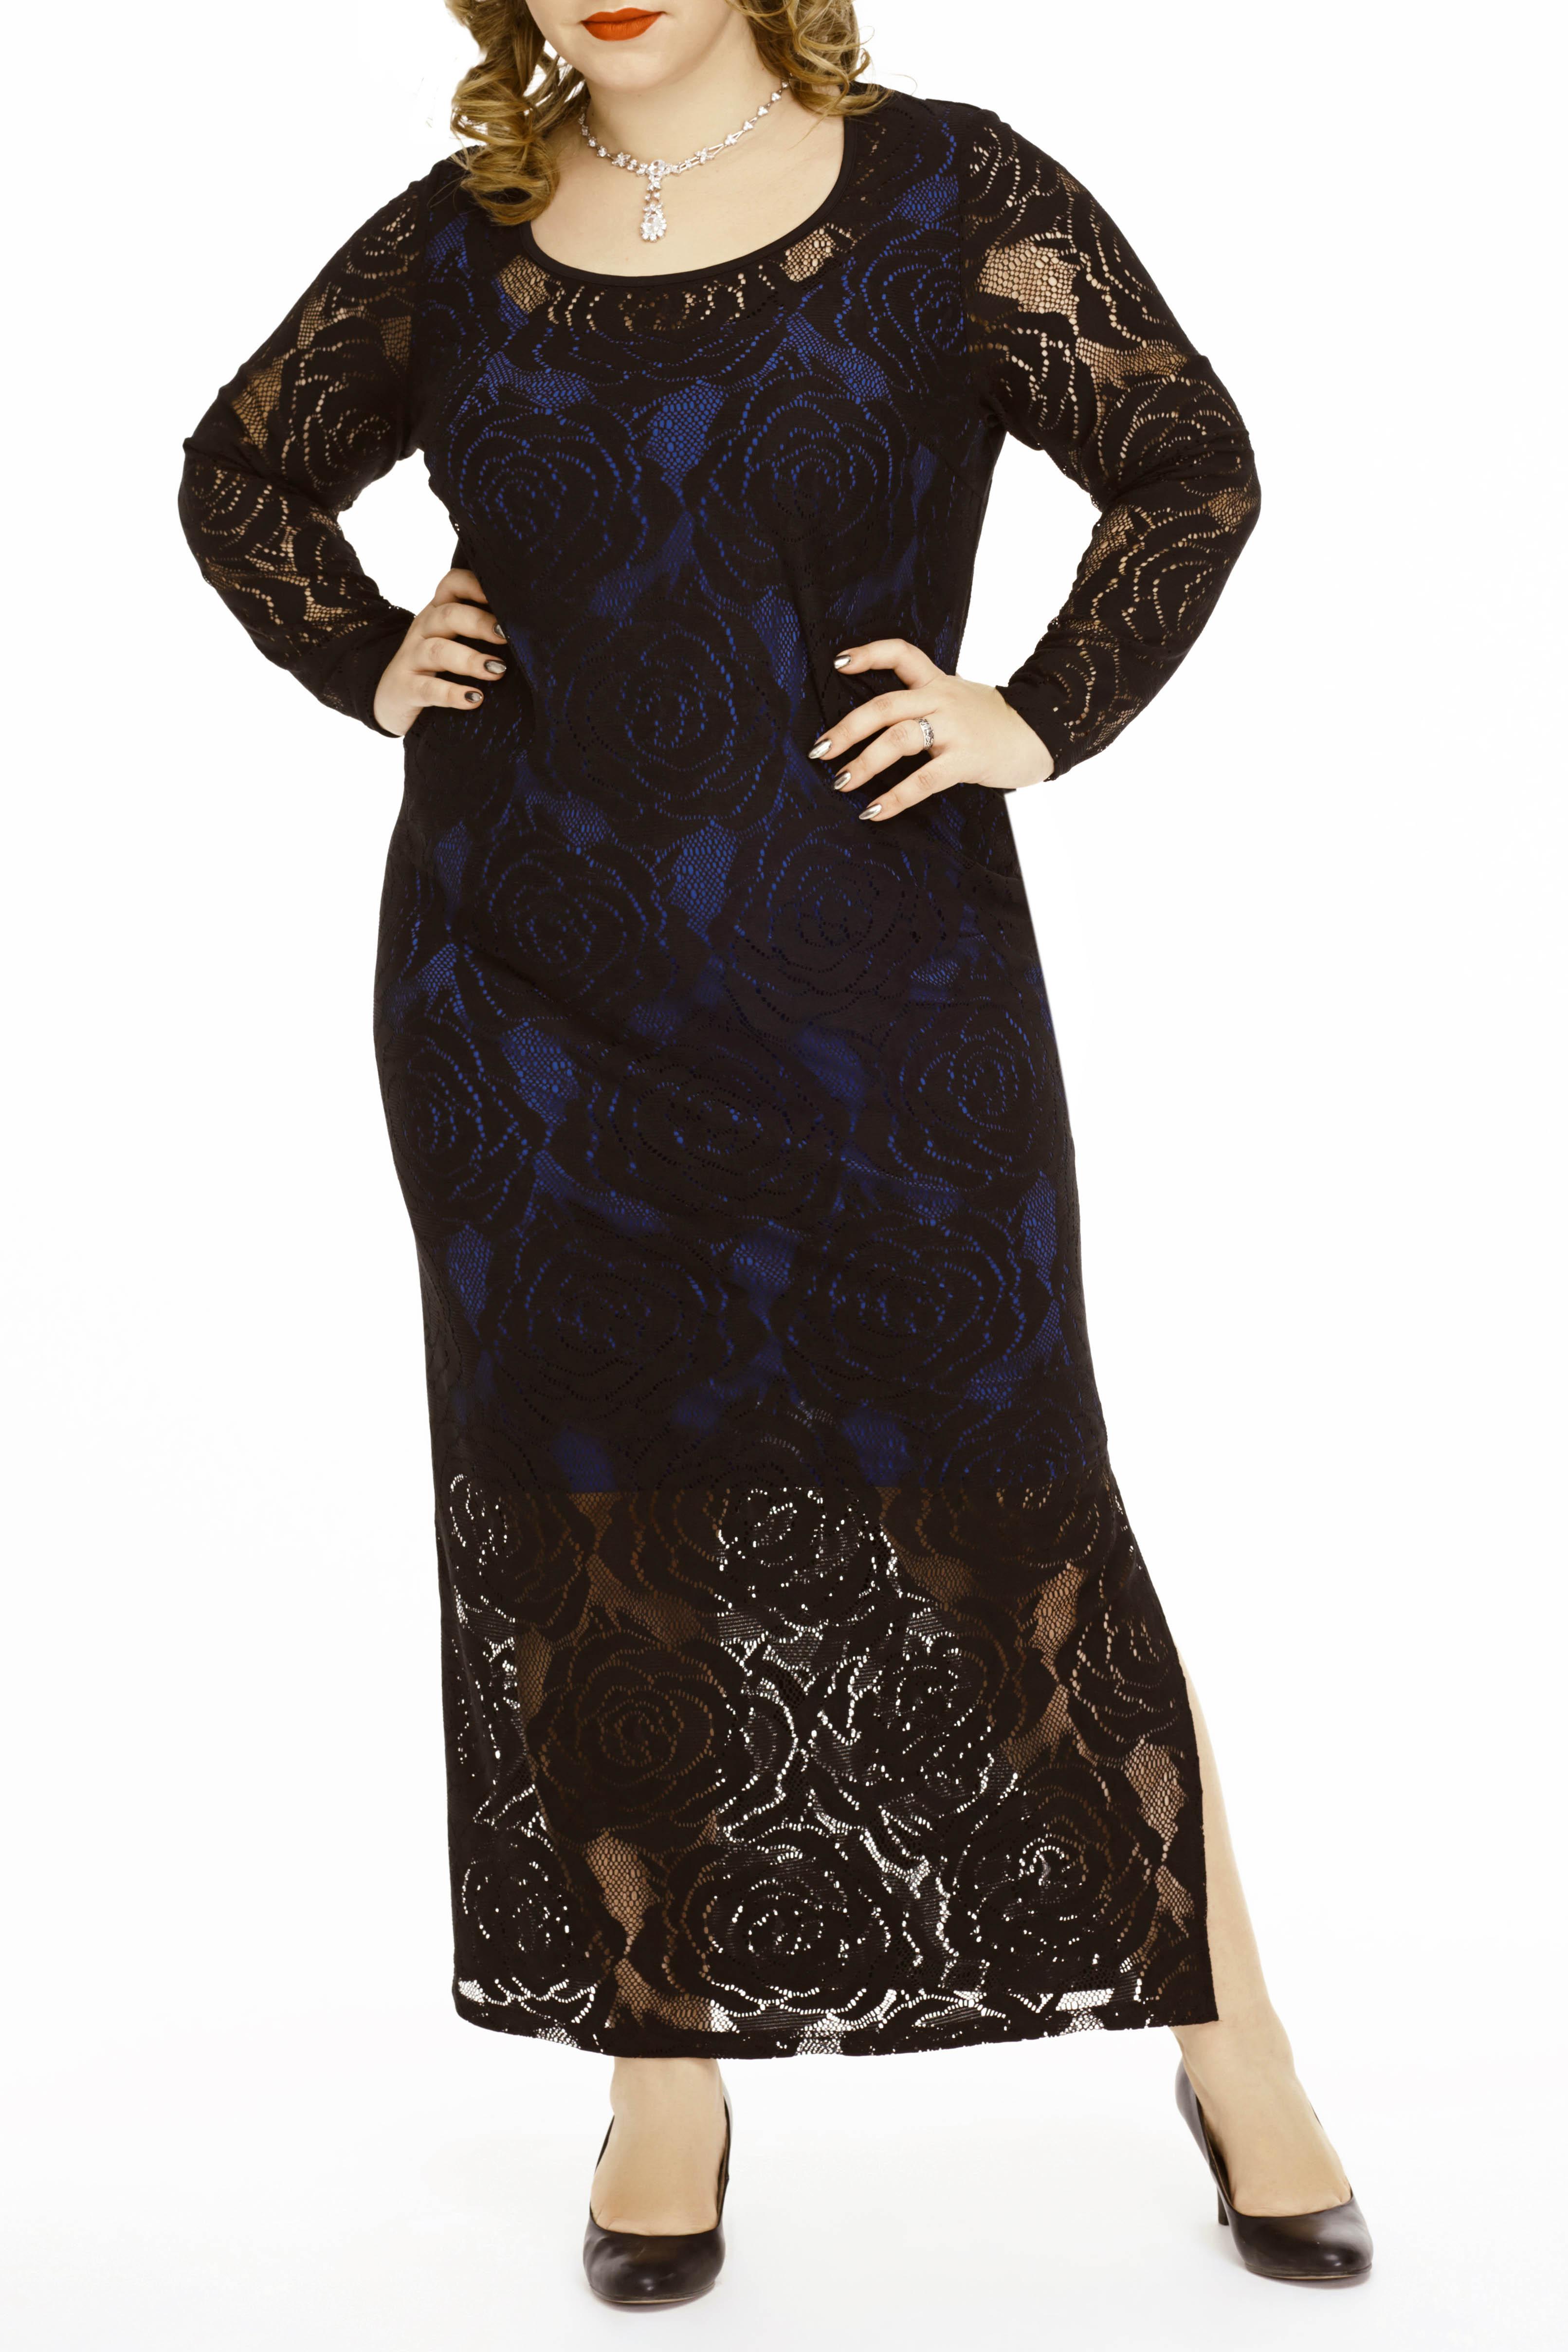 ПлатьеПлатья<br>Шикарное, нарядное платье, состоящее из легкого, трикотажного подклада и гипюровой основы. Будьте уверены, что дамы с аппетитными формами могут выглядеть соблазнительно  Цвет: синий (подклад), черный (гипюр)  Ростовка изделия 170 см.<br><br>Горловина: С- горловина<br>По длине: Макси<br>По материалу: Гипюр<br>По рисунку: Цветные<br>По сезону: Весна,Зима,Лето,Осень,Всесезон<br>По силуэту: Полуприталенные,Приталенные<br>По стилю: Нарядный стиль,Вечерний стиль<br>По элементам: С декором,С подкладом,С разрезом<br>Рукав: Длинный рукав<br>Размер : 50<br>Материал: Холодное масло + Гипюр<br>Количество в наличии: 1